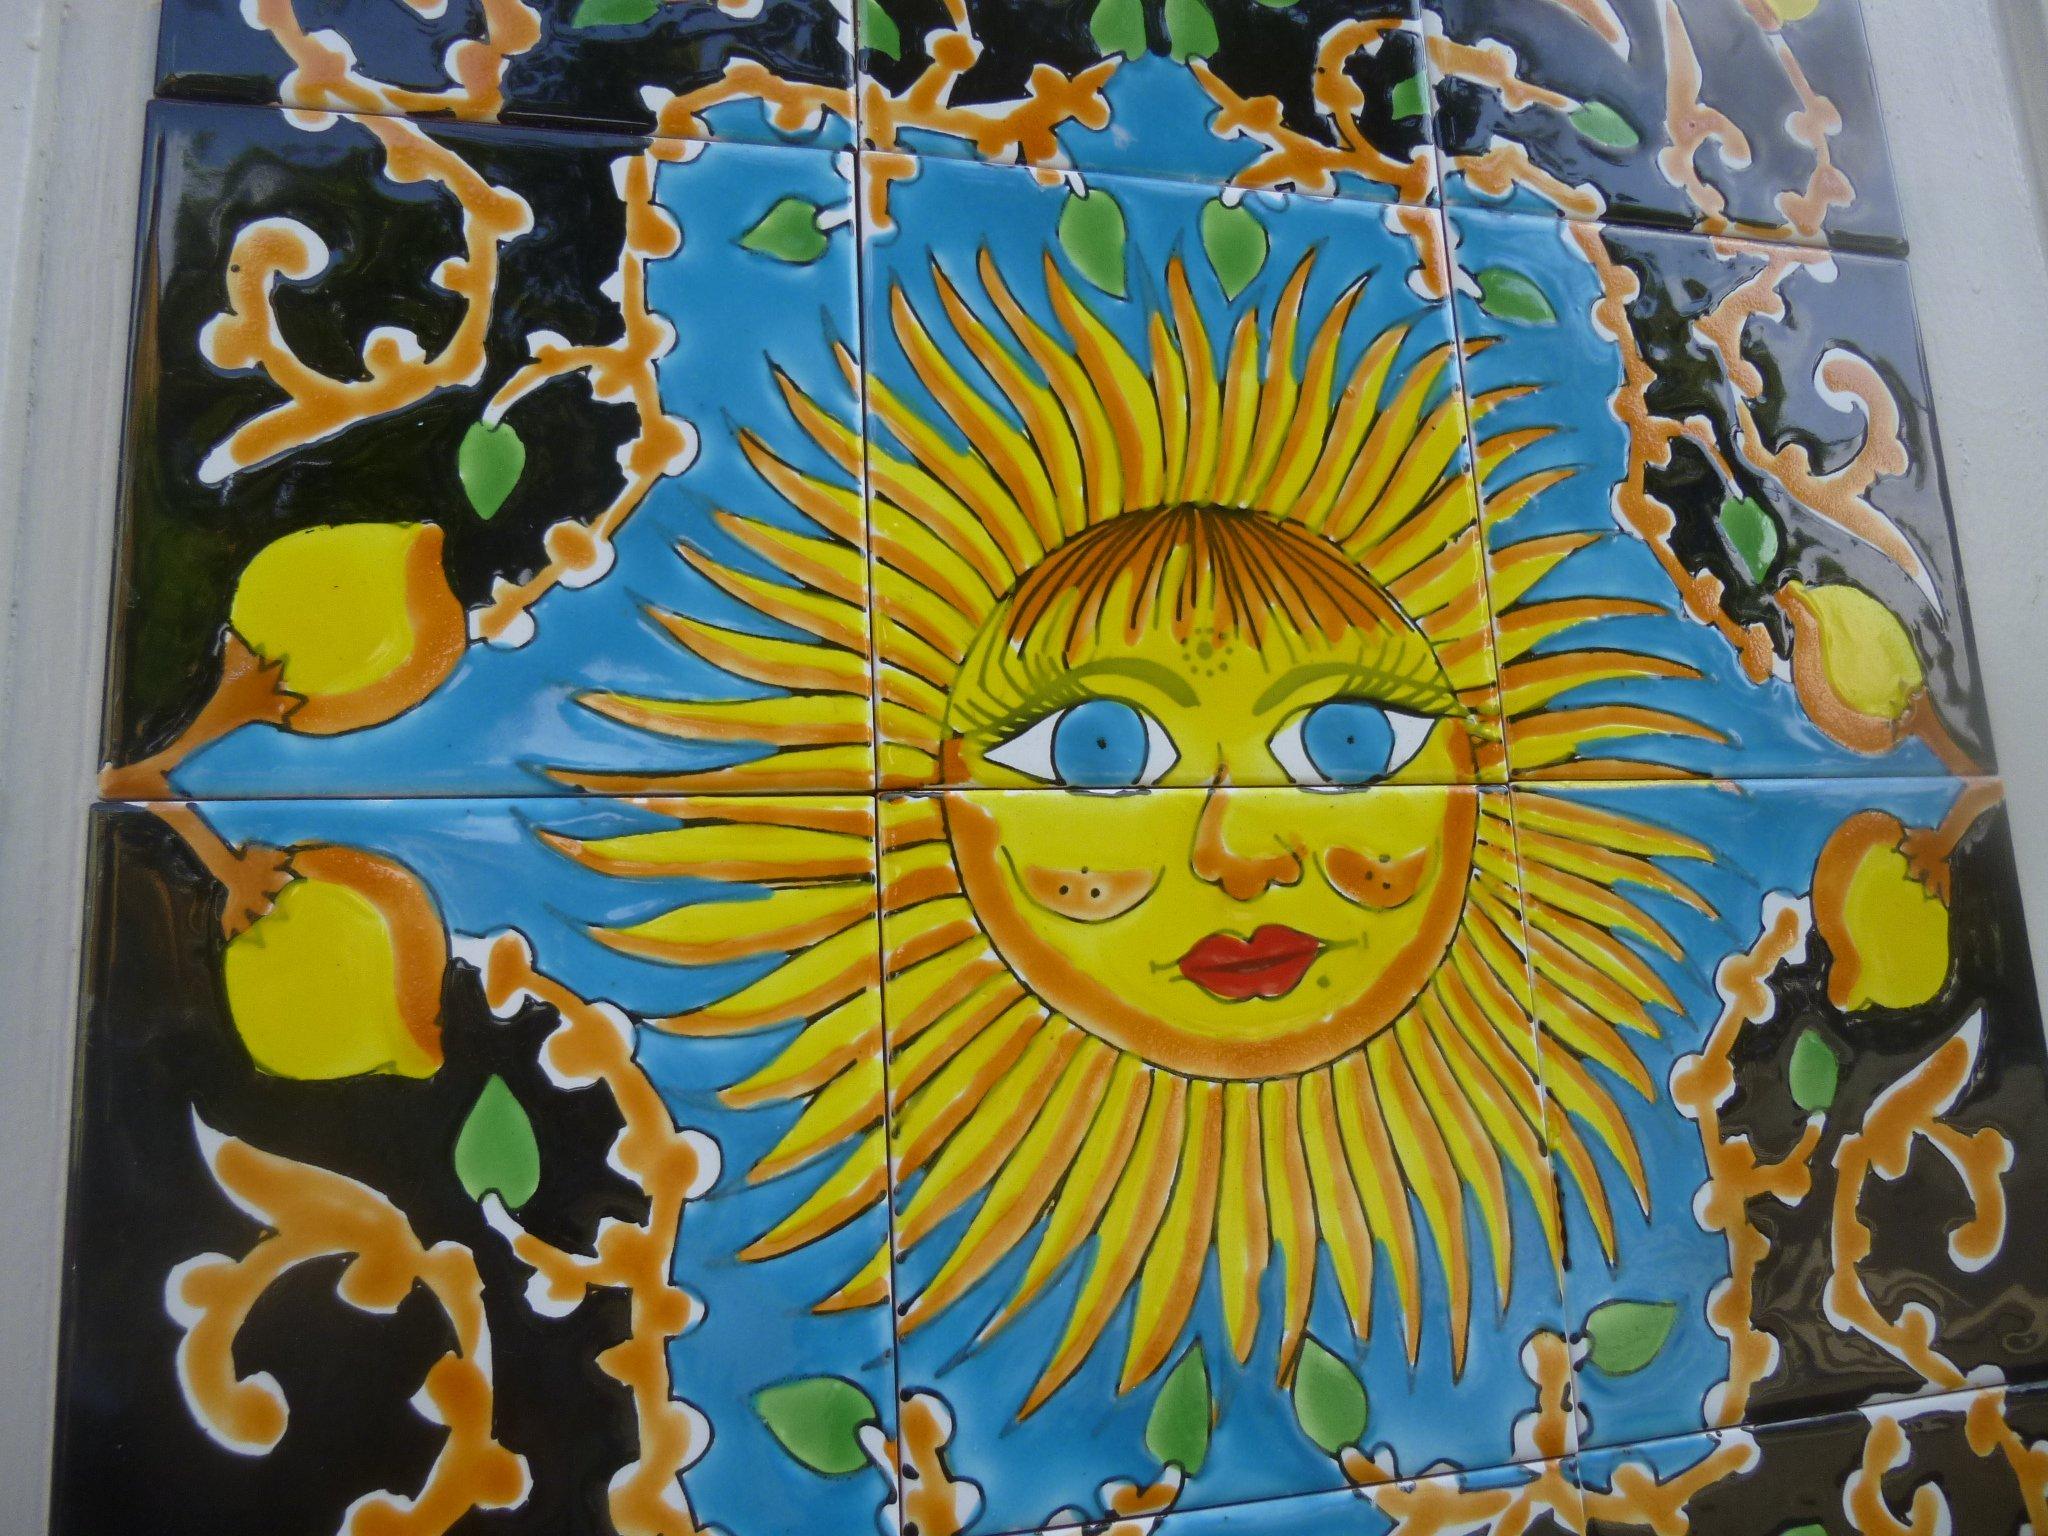 Sonne auf Kacheln